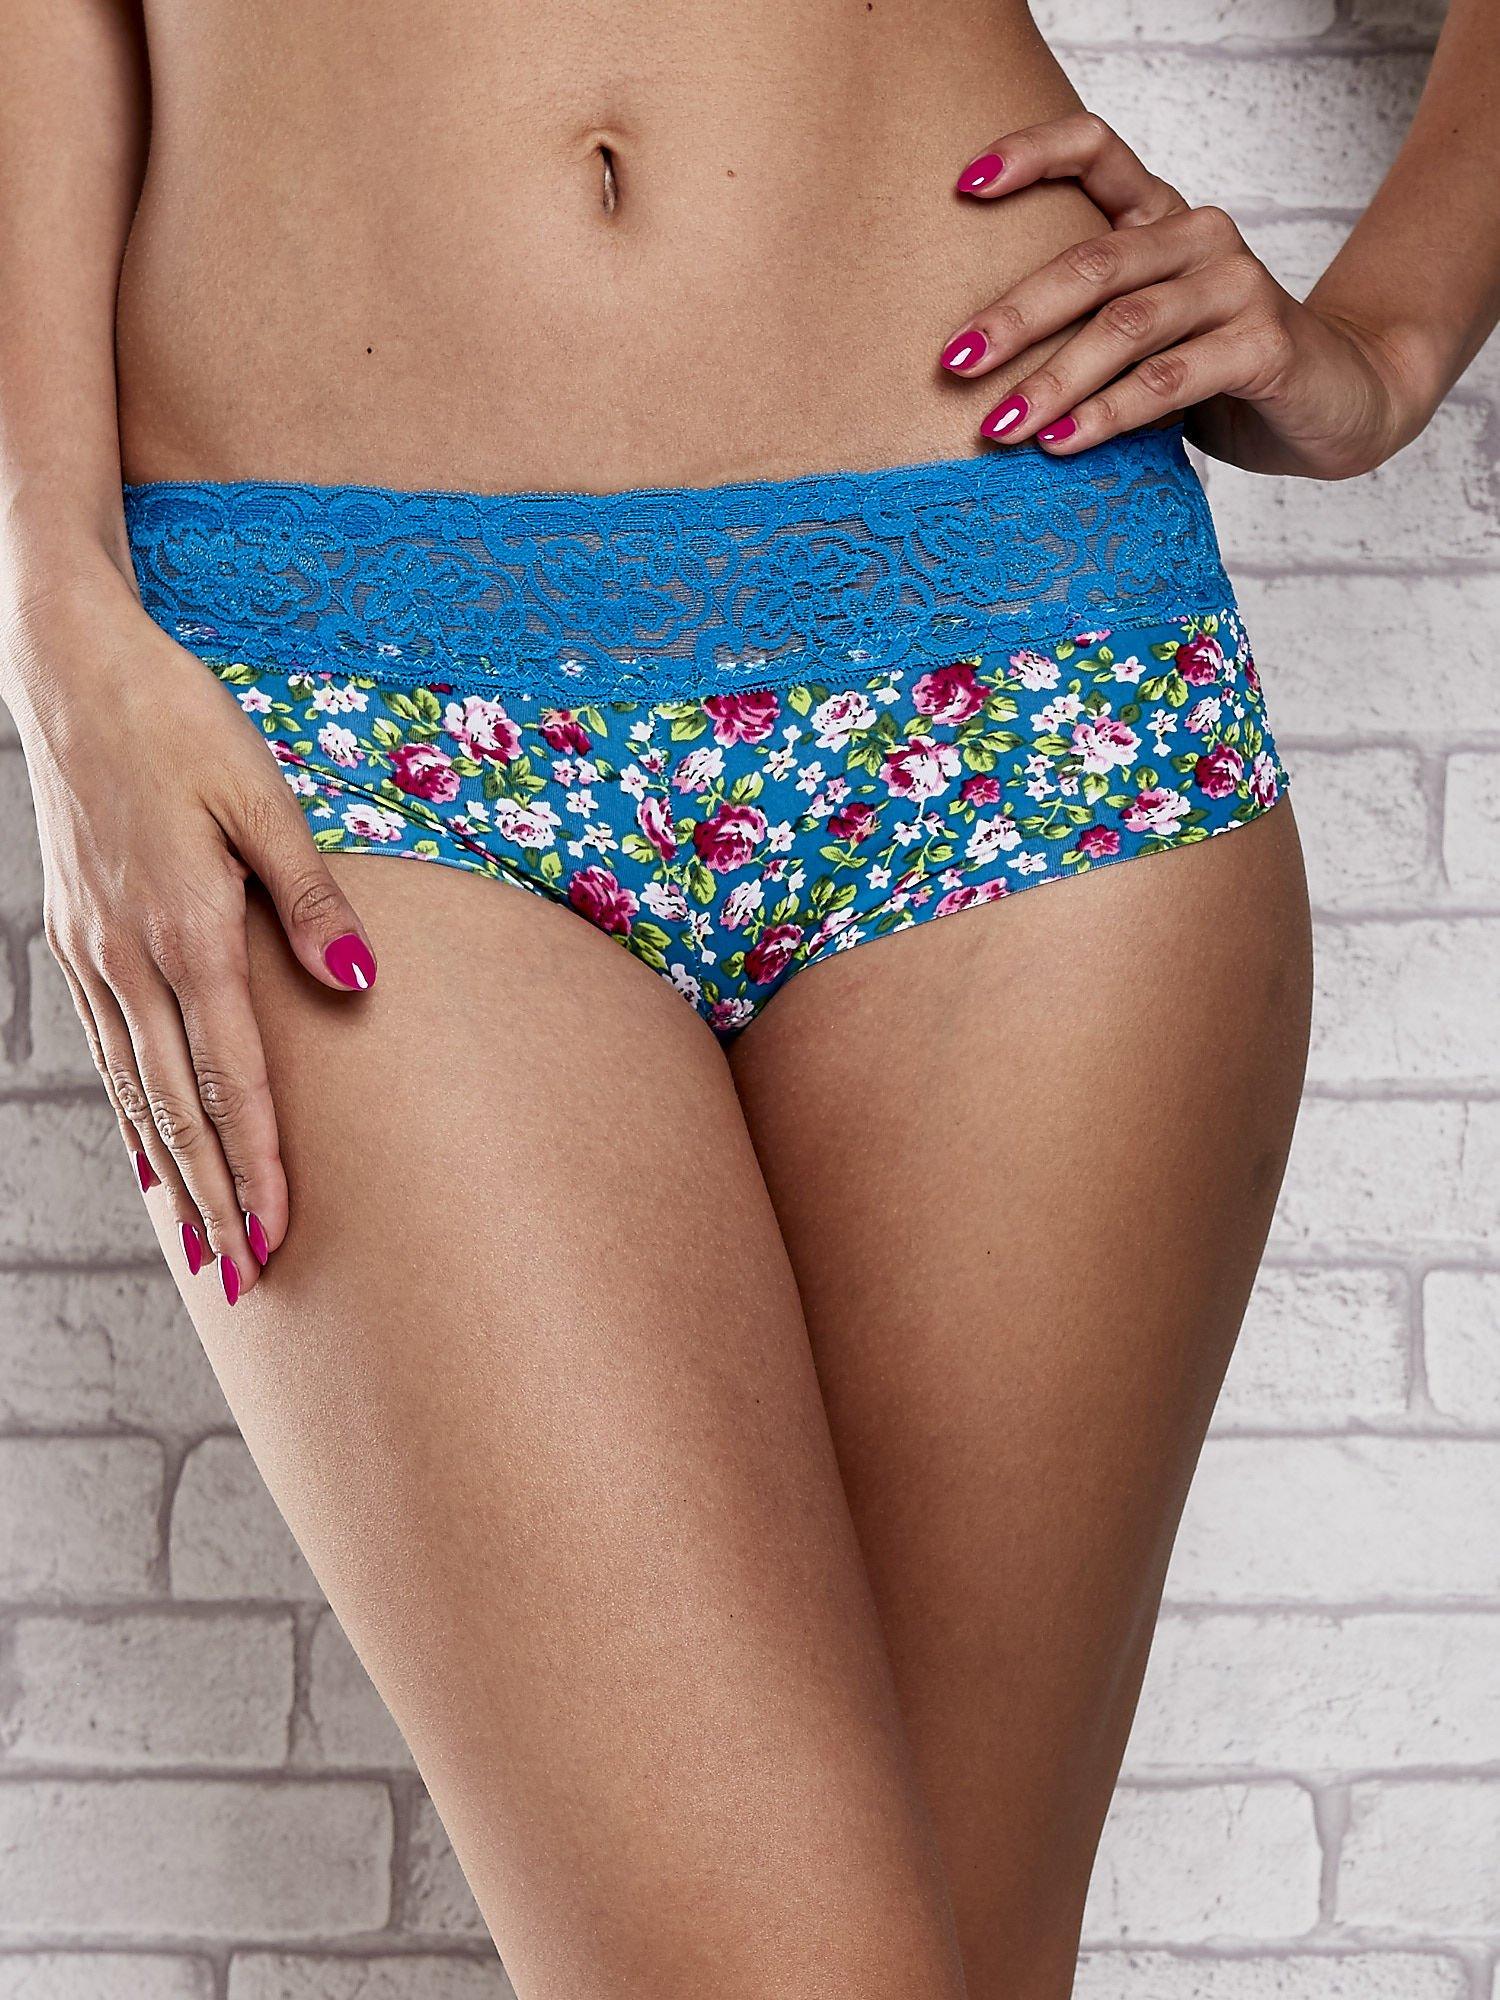 Laserowe szorty damskie z motywem florar print 2 szt.                                   zdj.                                  2